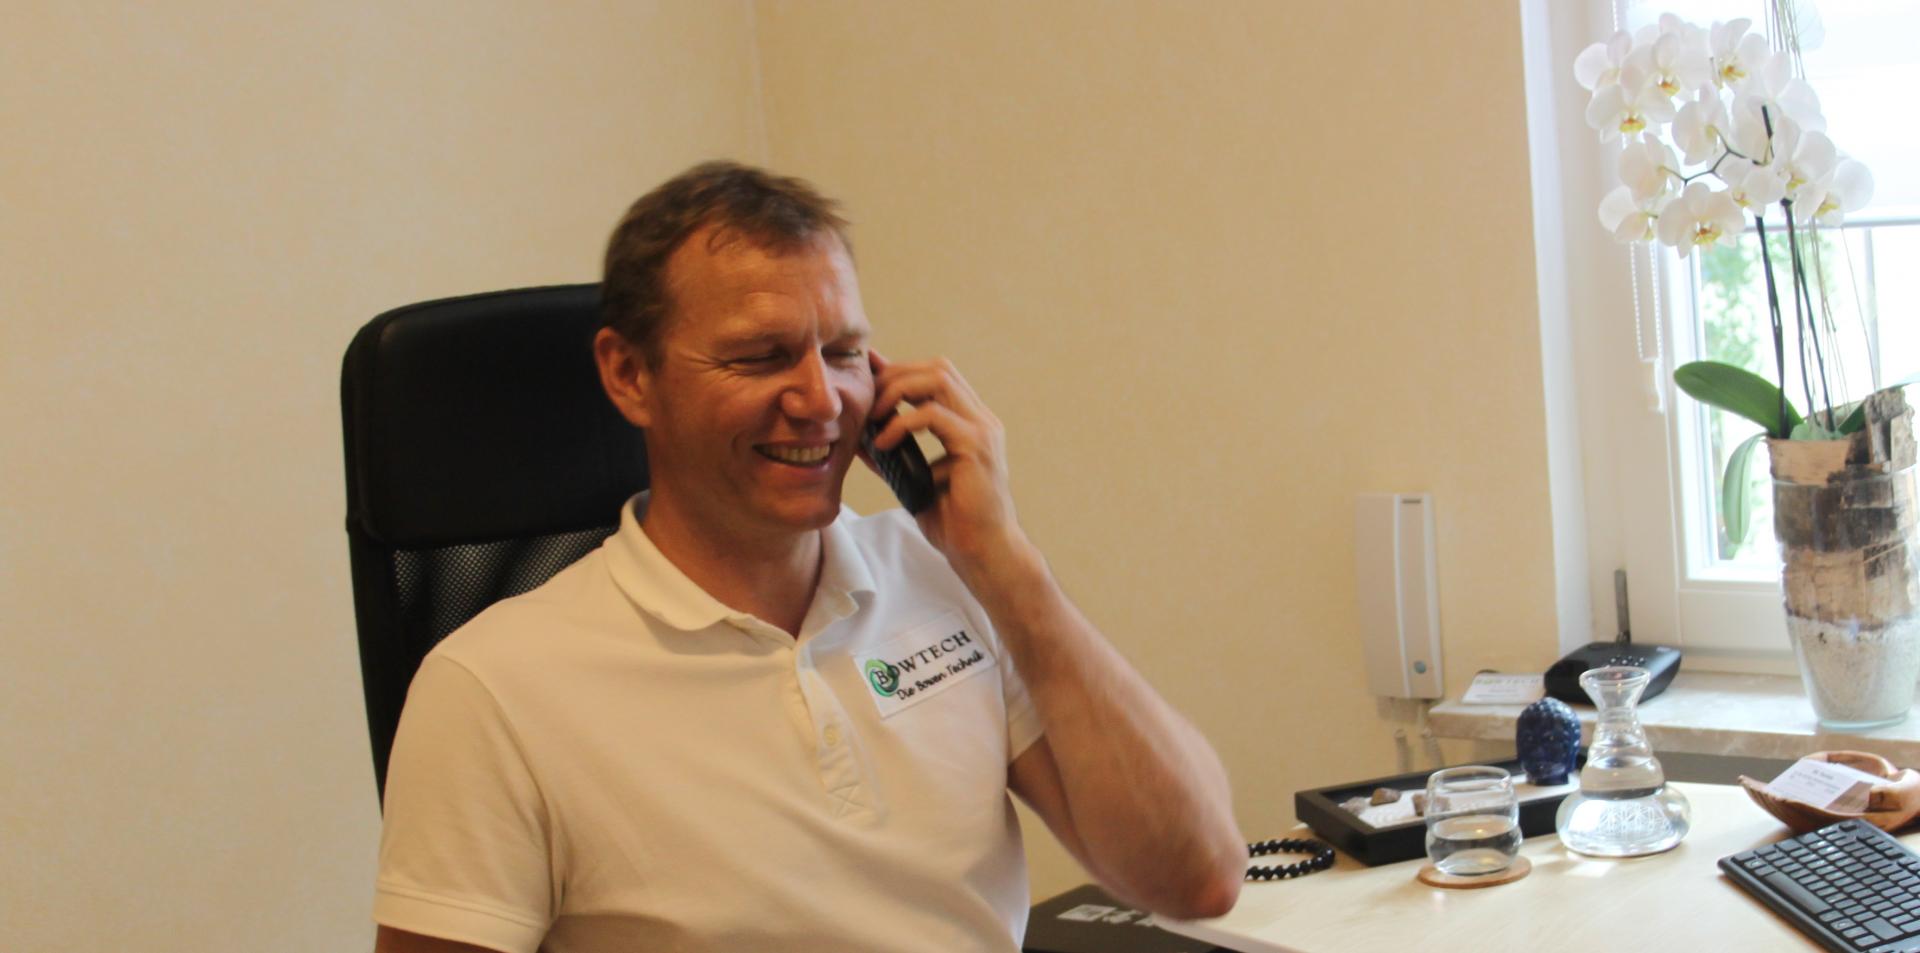 Das Bild zeigt Selfnessexperte aus Begeisterung. Gesundheitspraktiker Helmut RachlRachl im Büro bei der telefonischen Terminvereinbarung